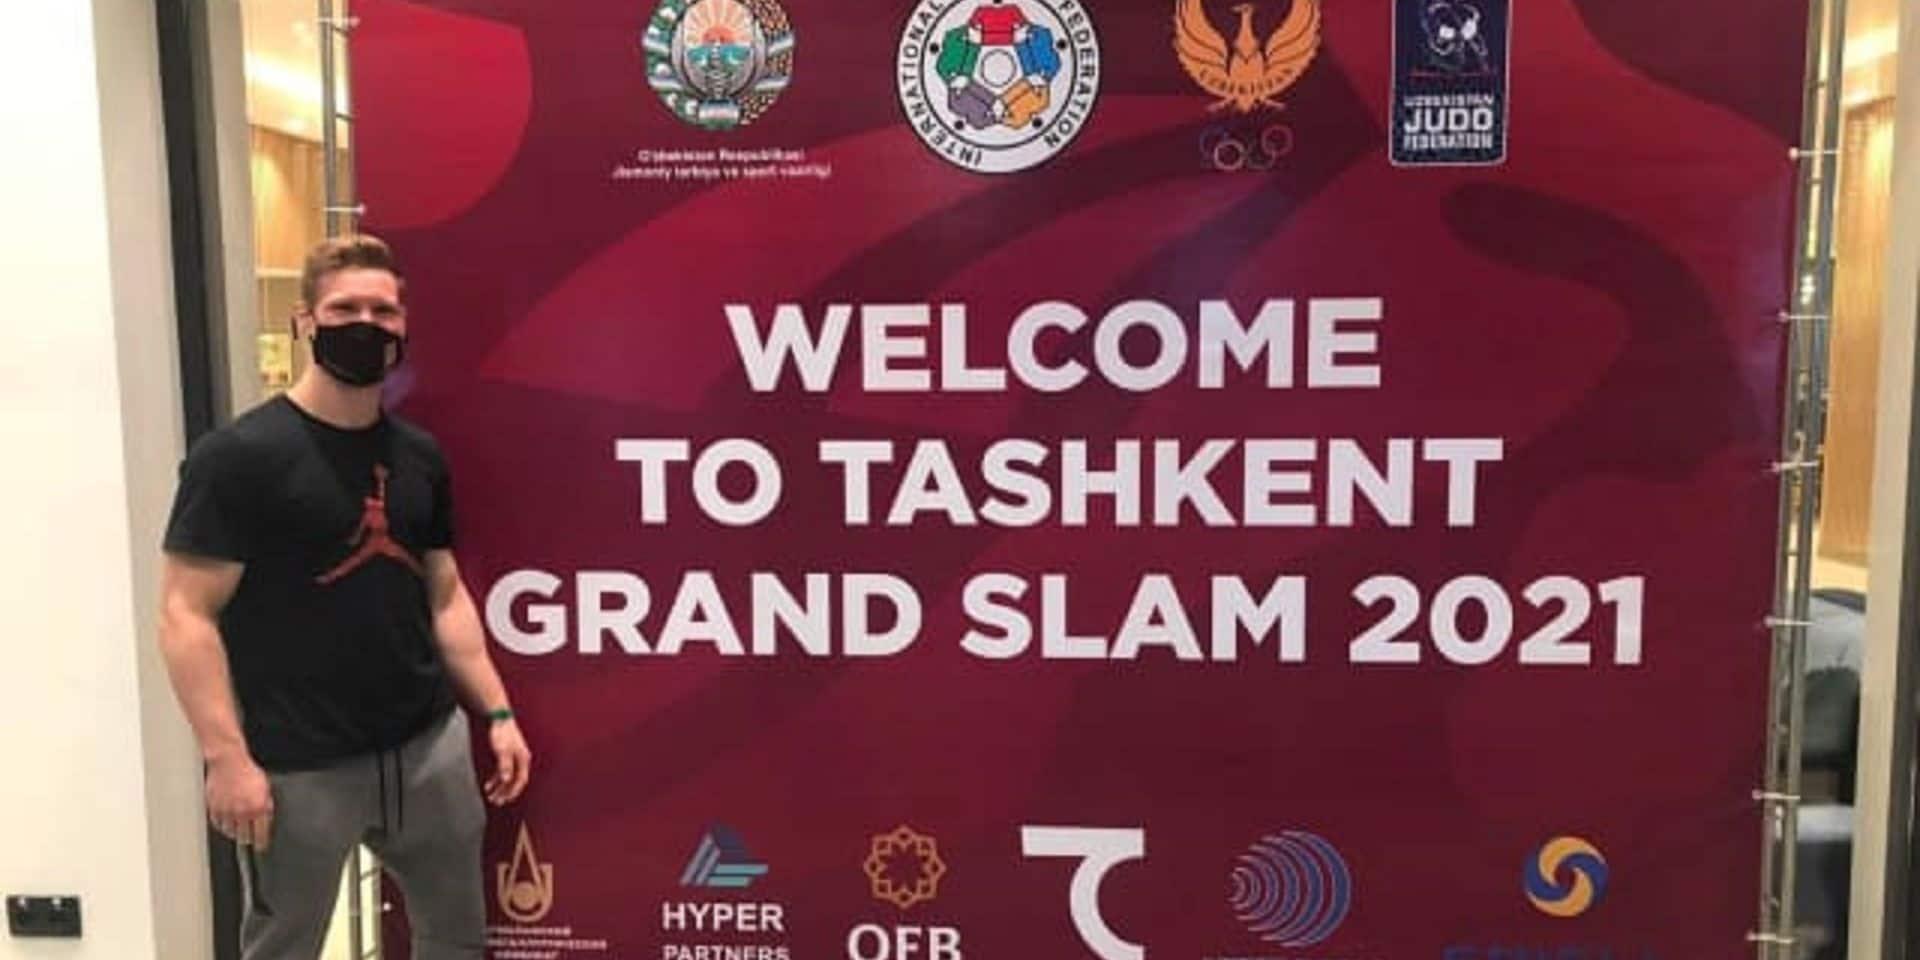 Tirage au sort favorable pour les Belges à Tachkent...